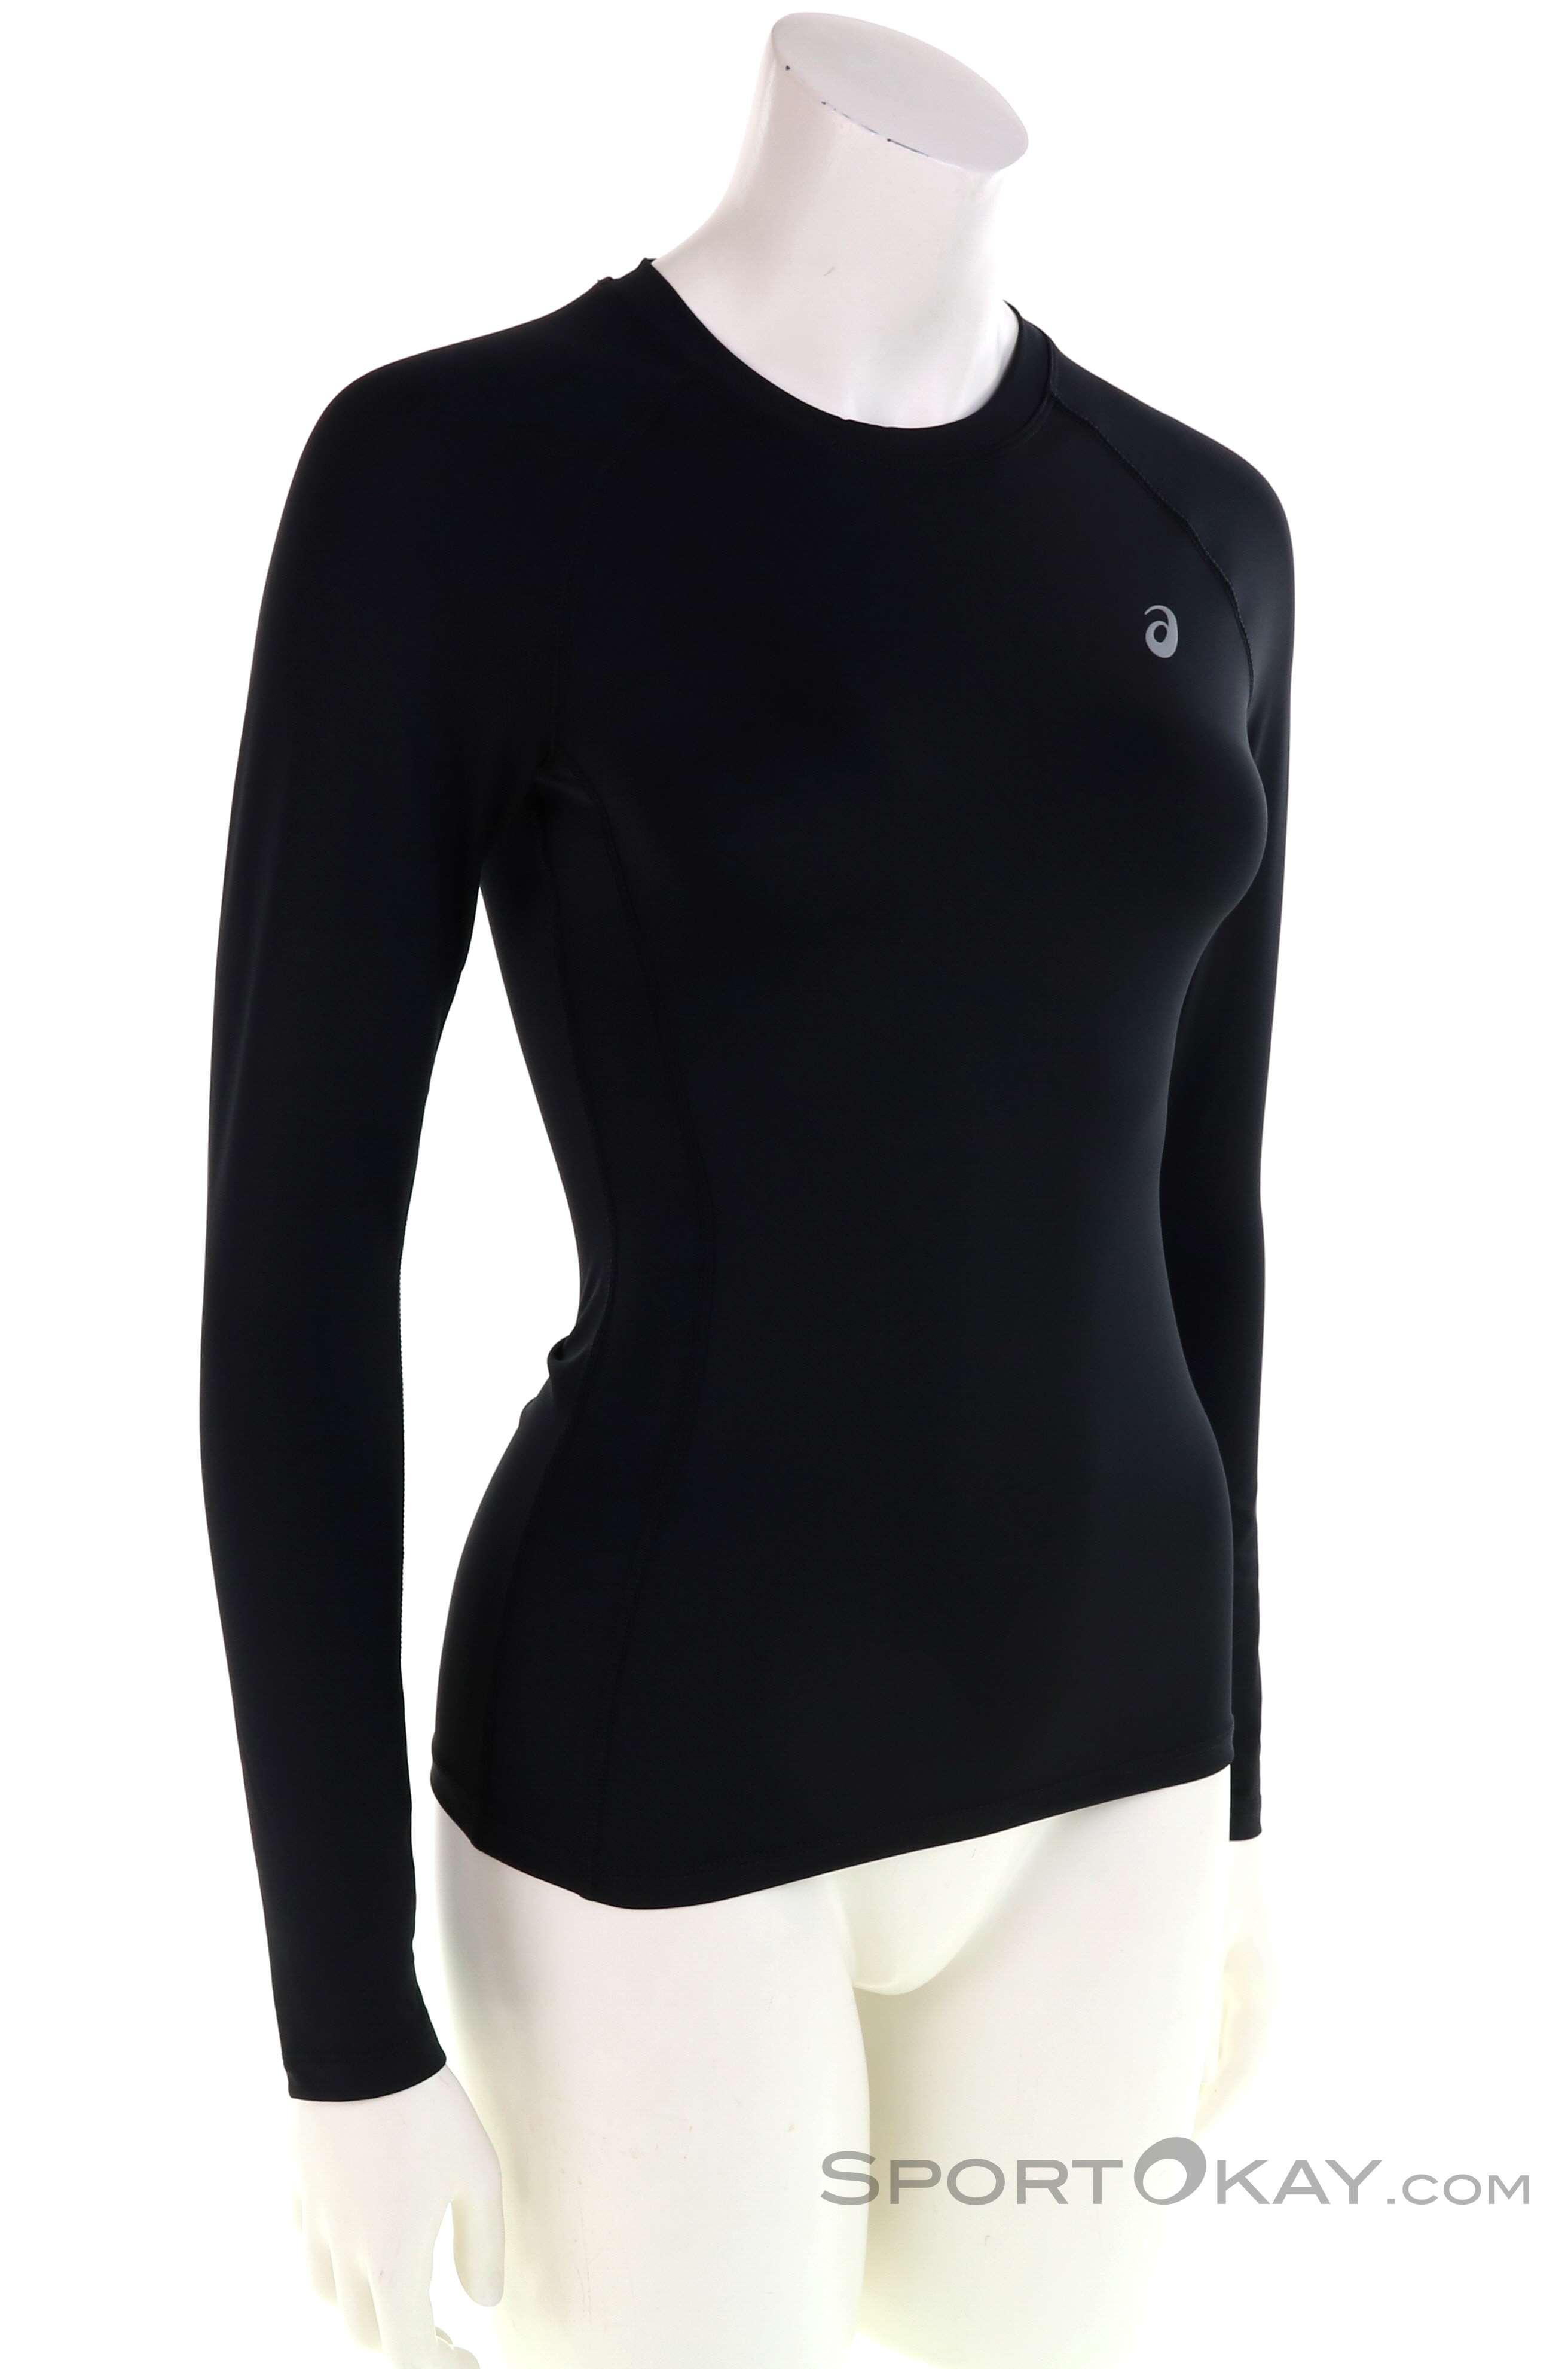 Asics Asics Baselayer LS Top Womens Shirt